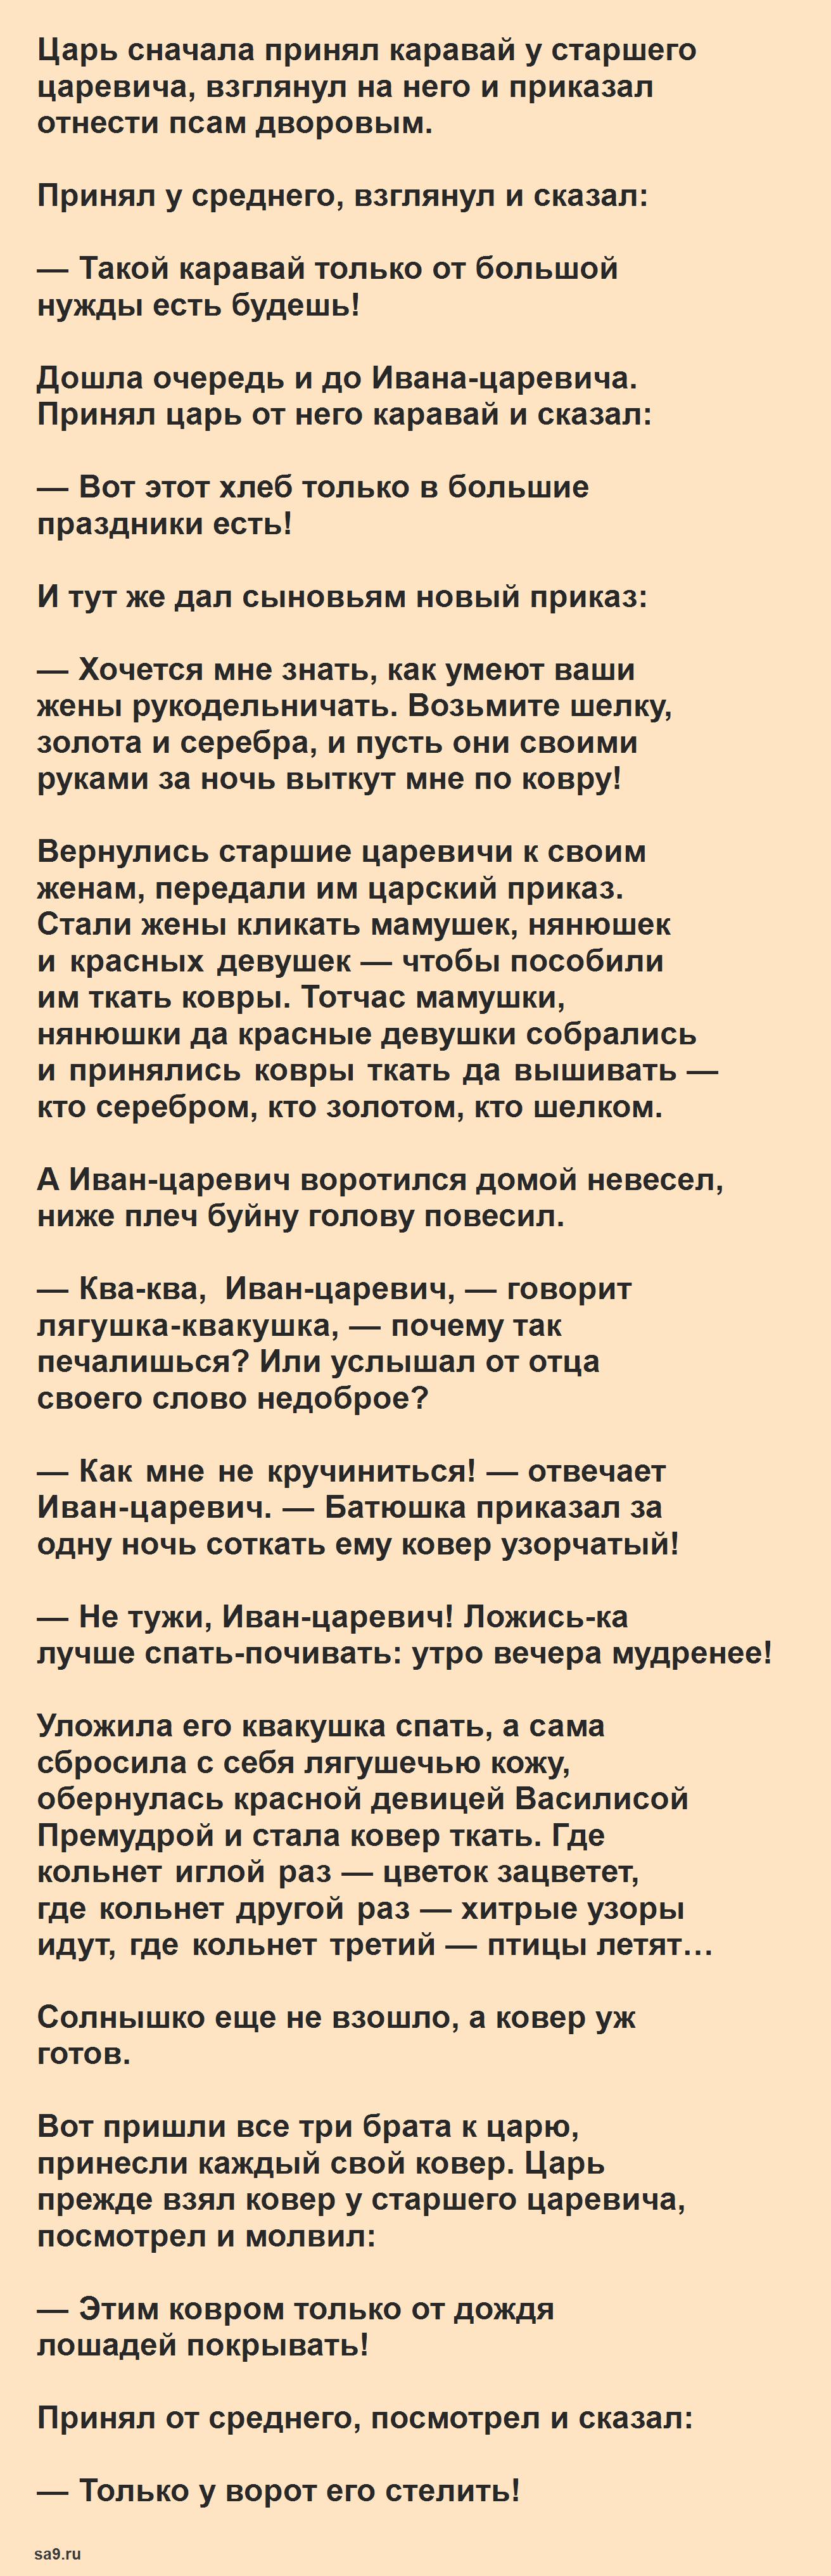 Русская народная сказка - Царевна лягушка, читать онлайн бесплатно